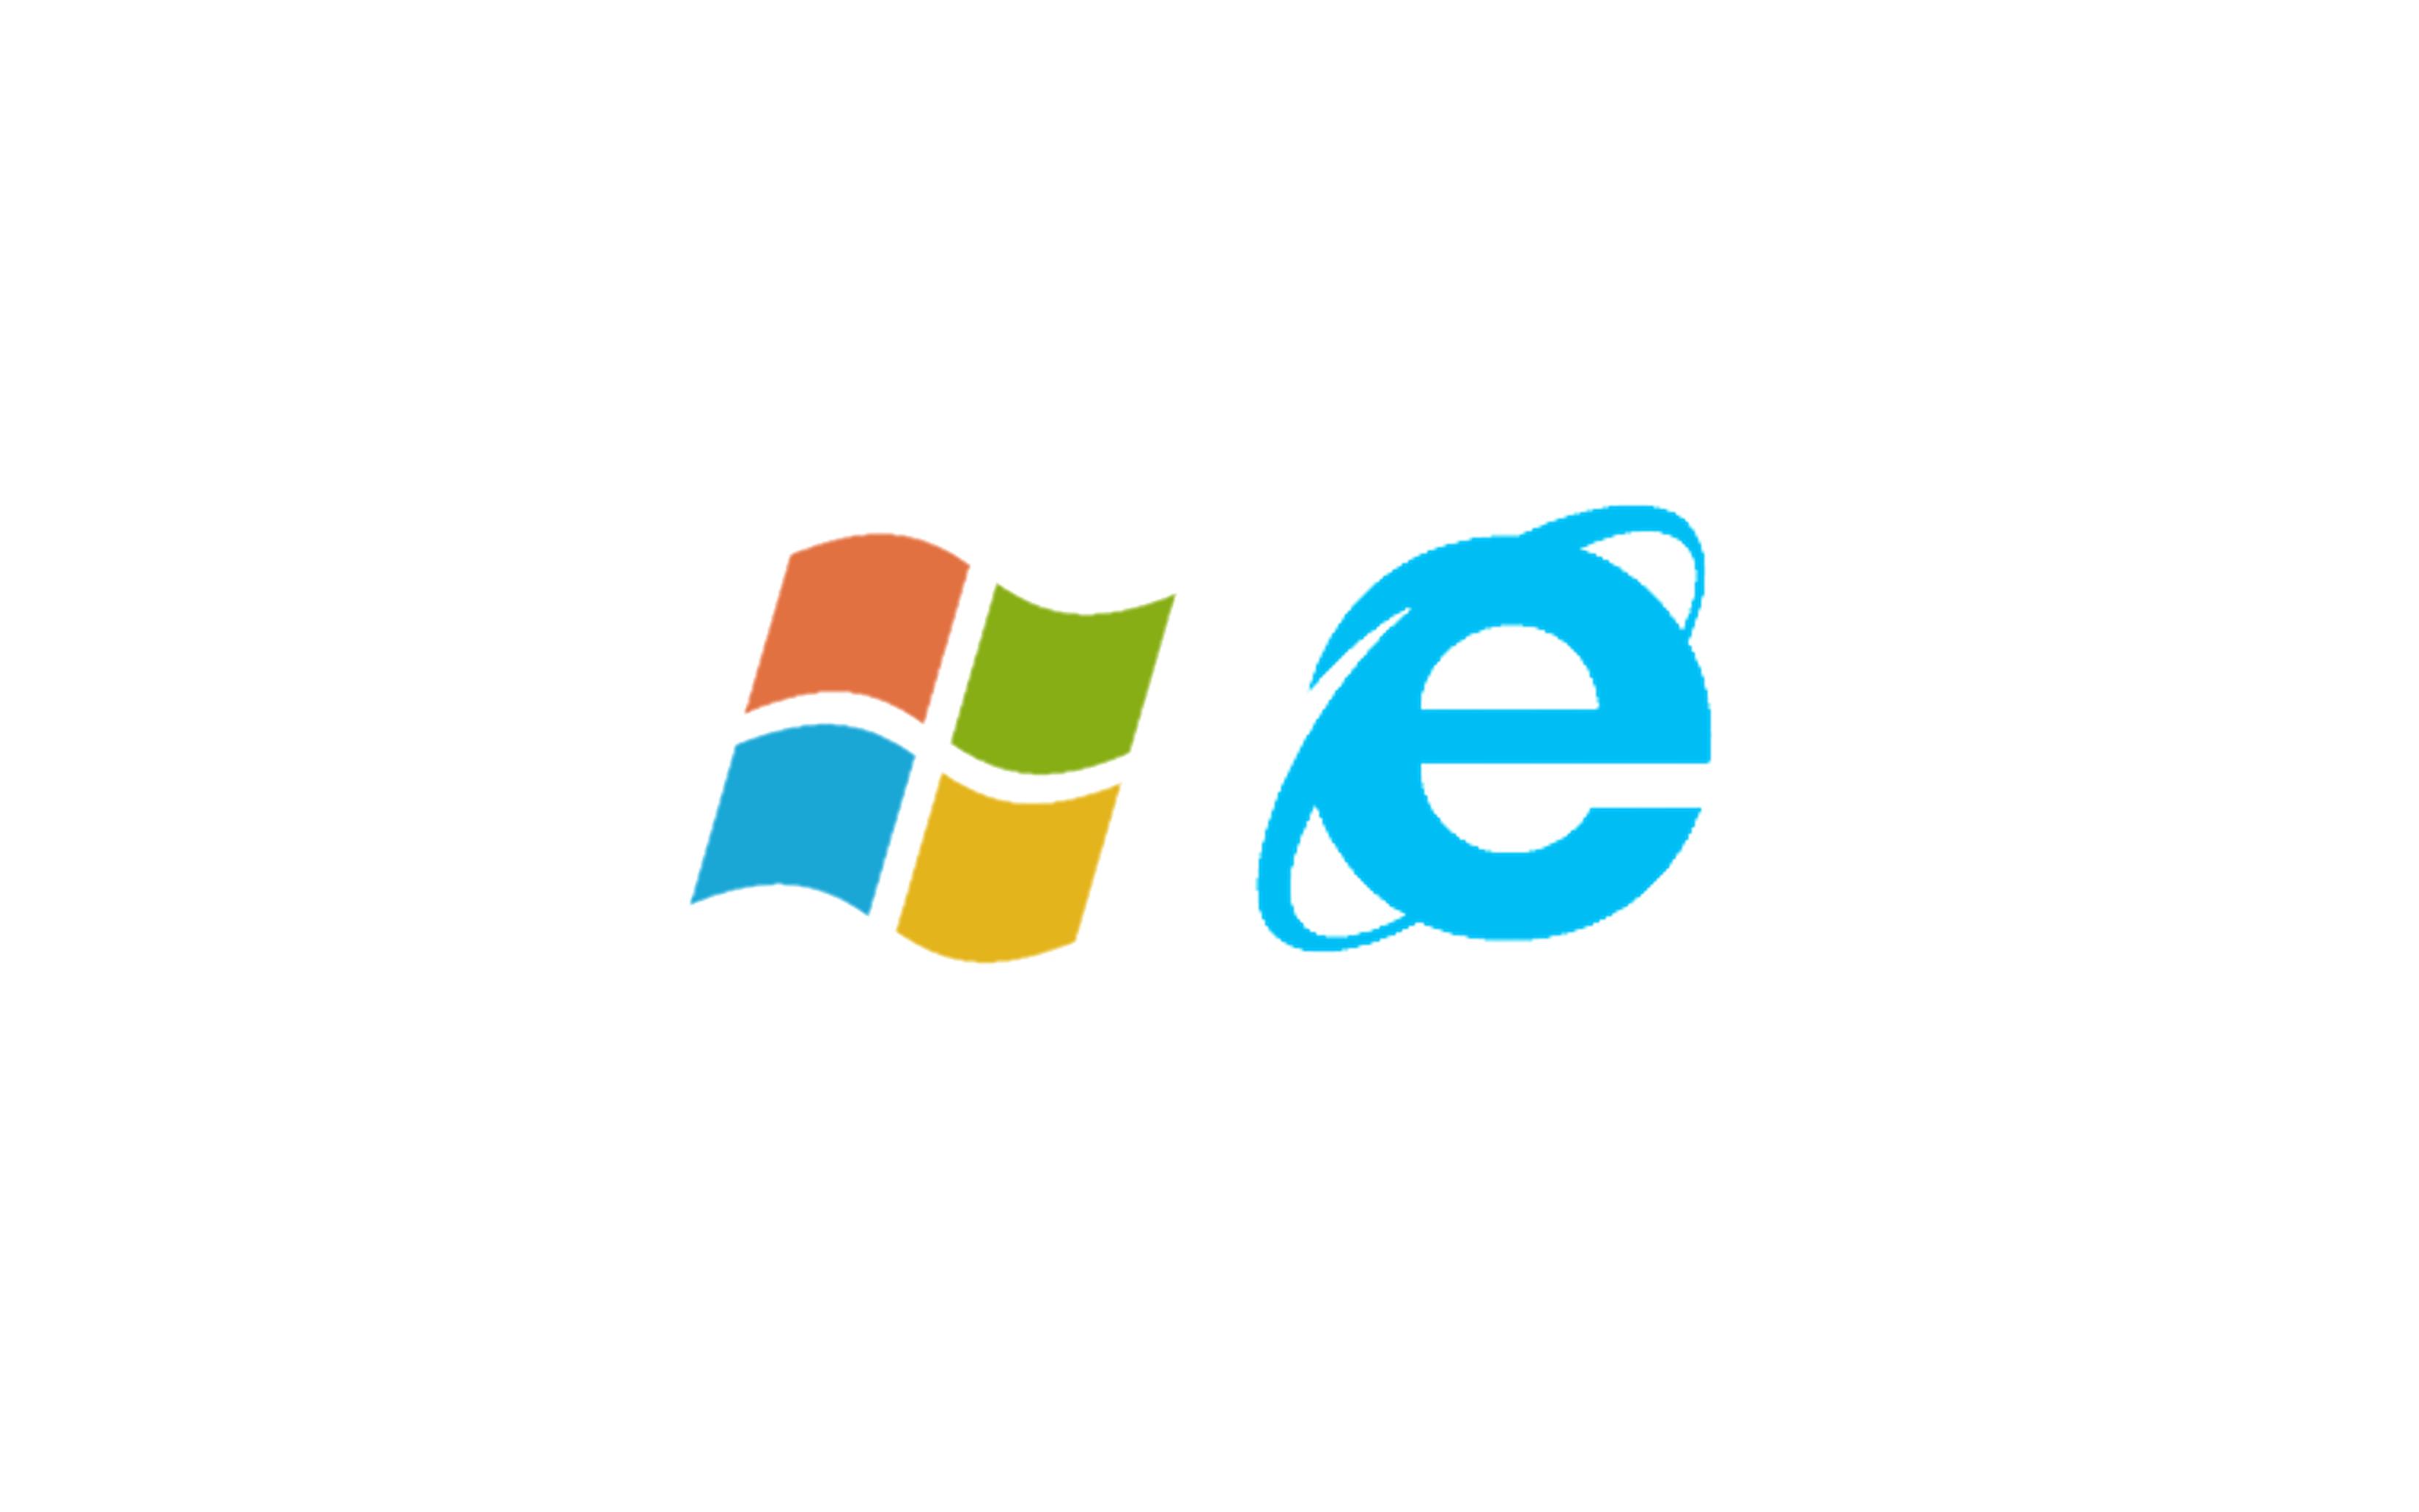 윈도우 과 인터넷 익스플로러 로고